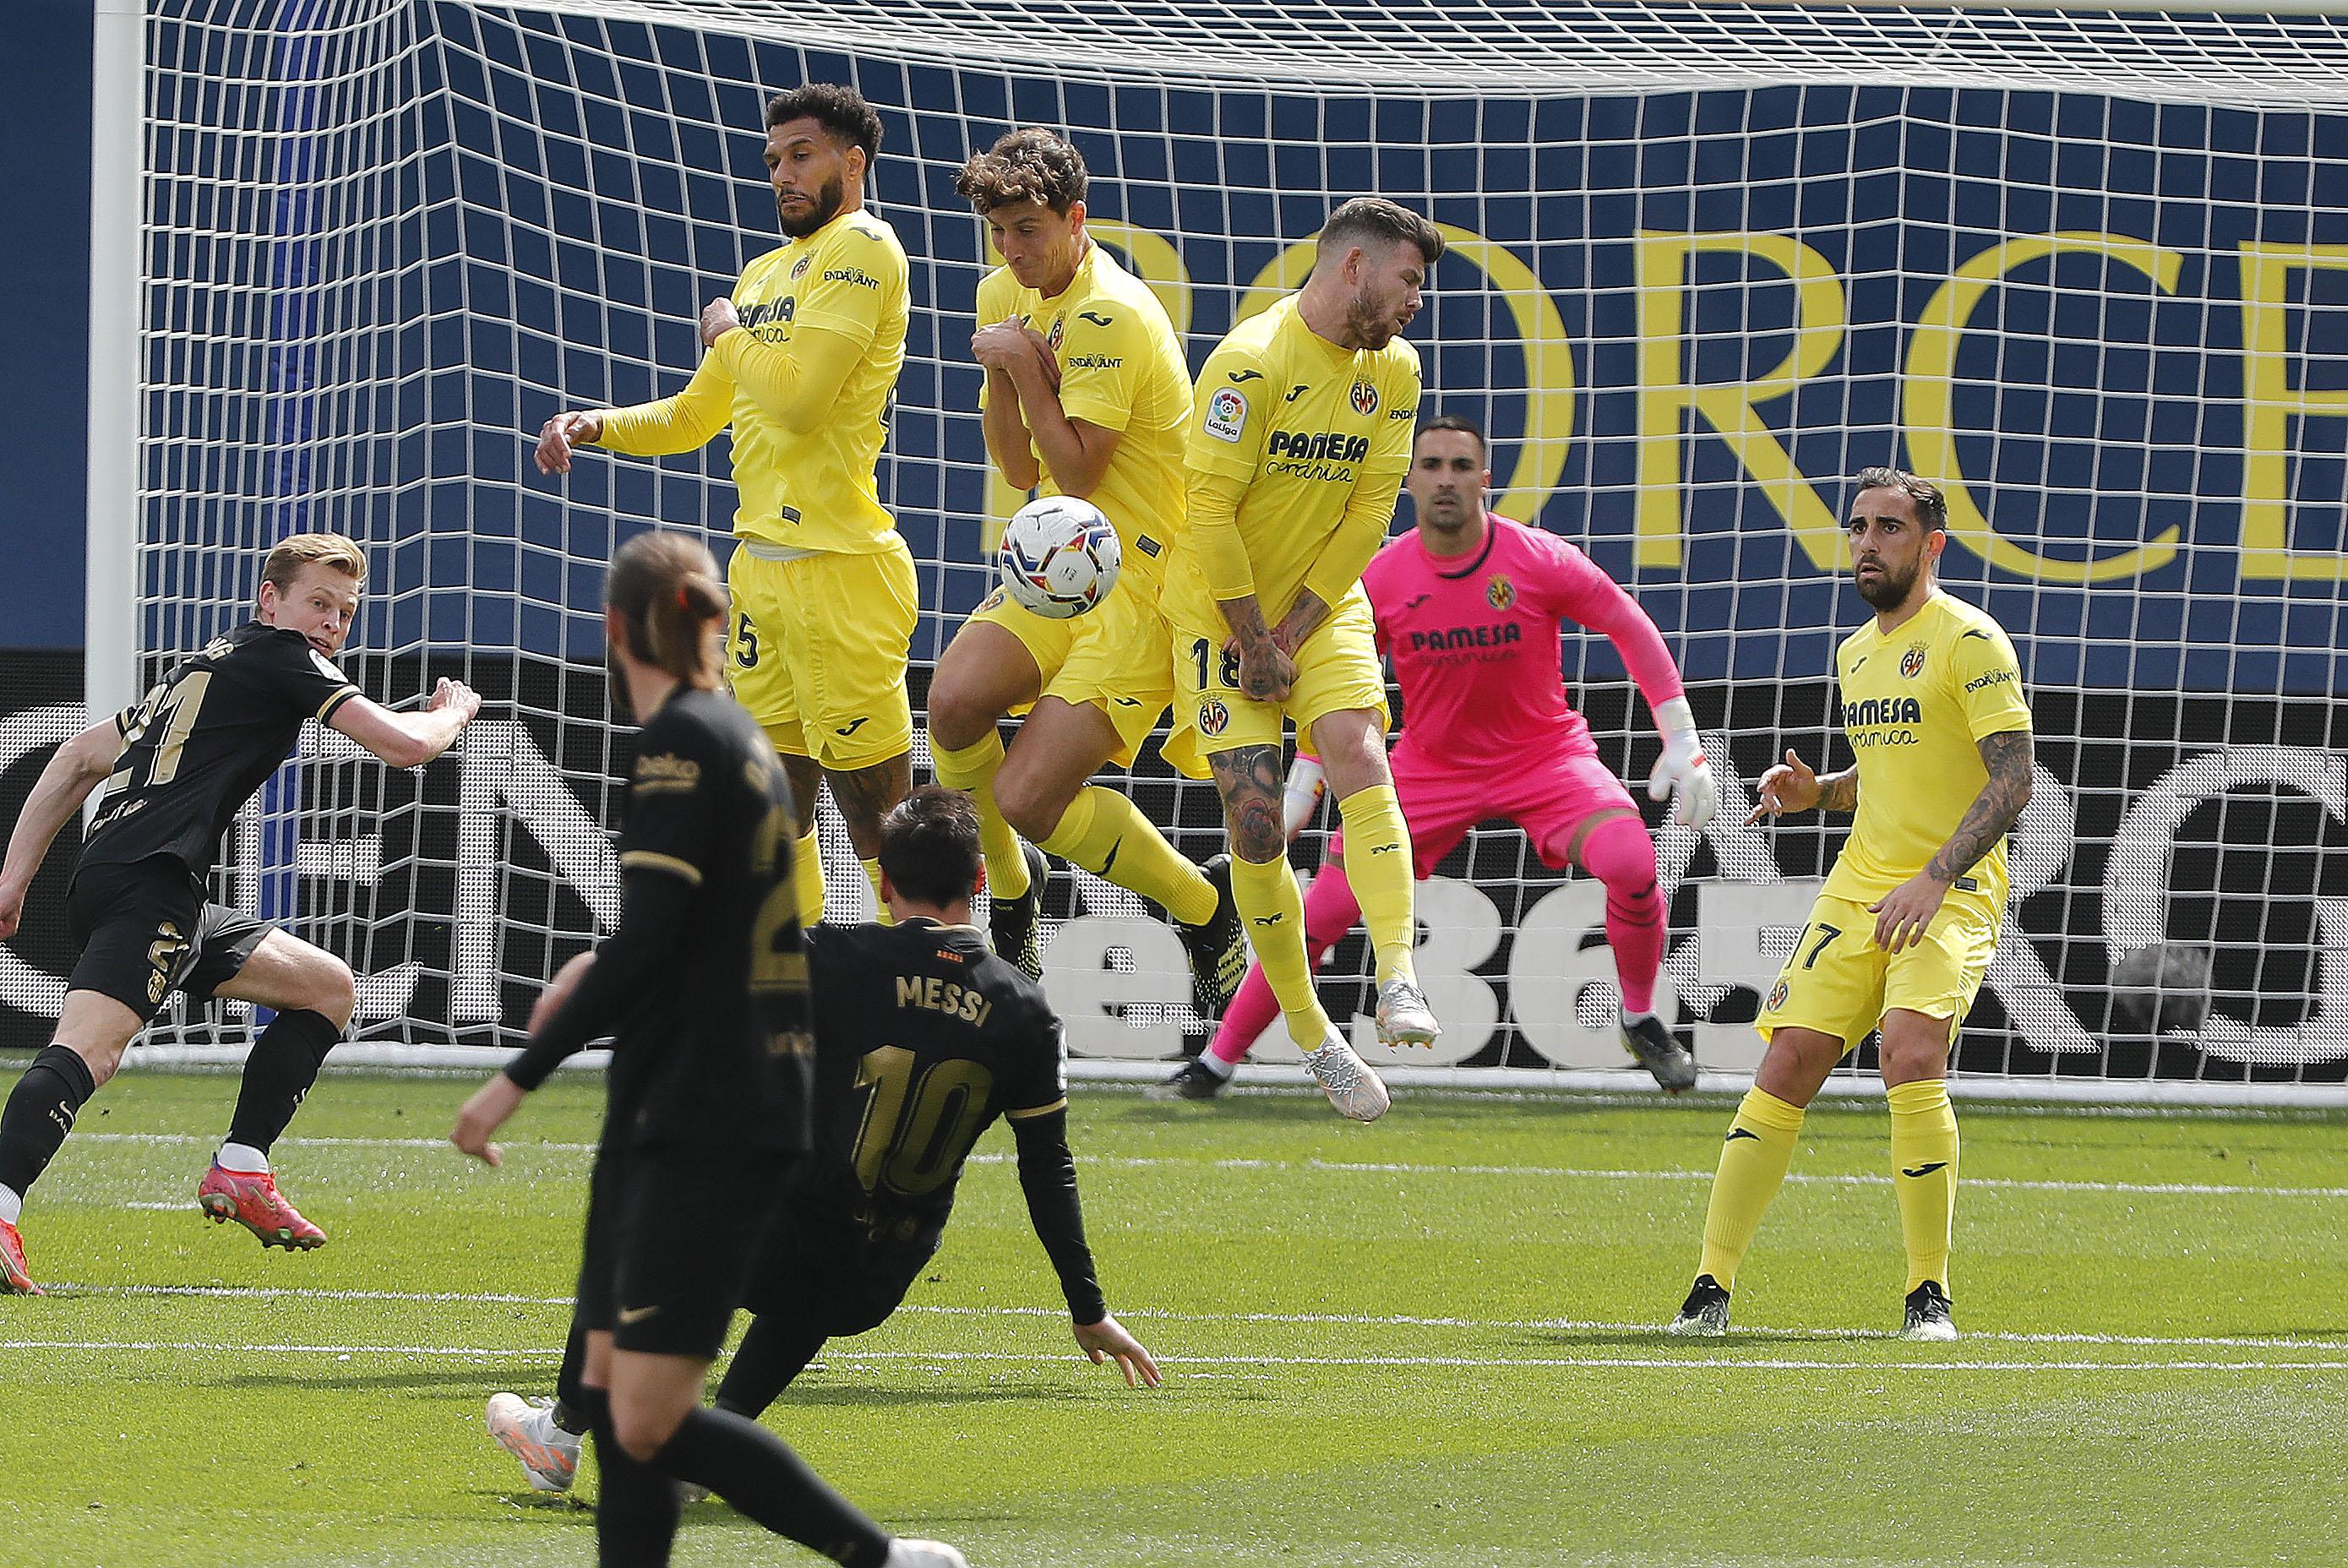 غريزمان يخطف فوز صعب لبرشلونة امام فياريال ويعيده للوصافة